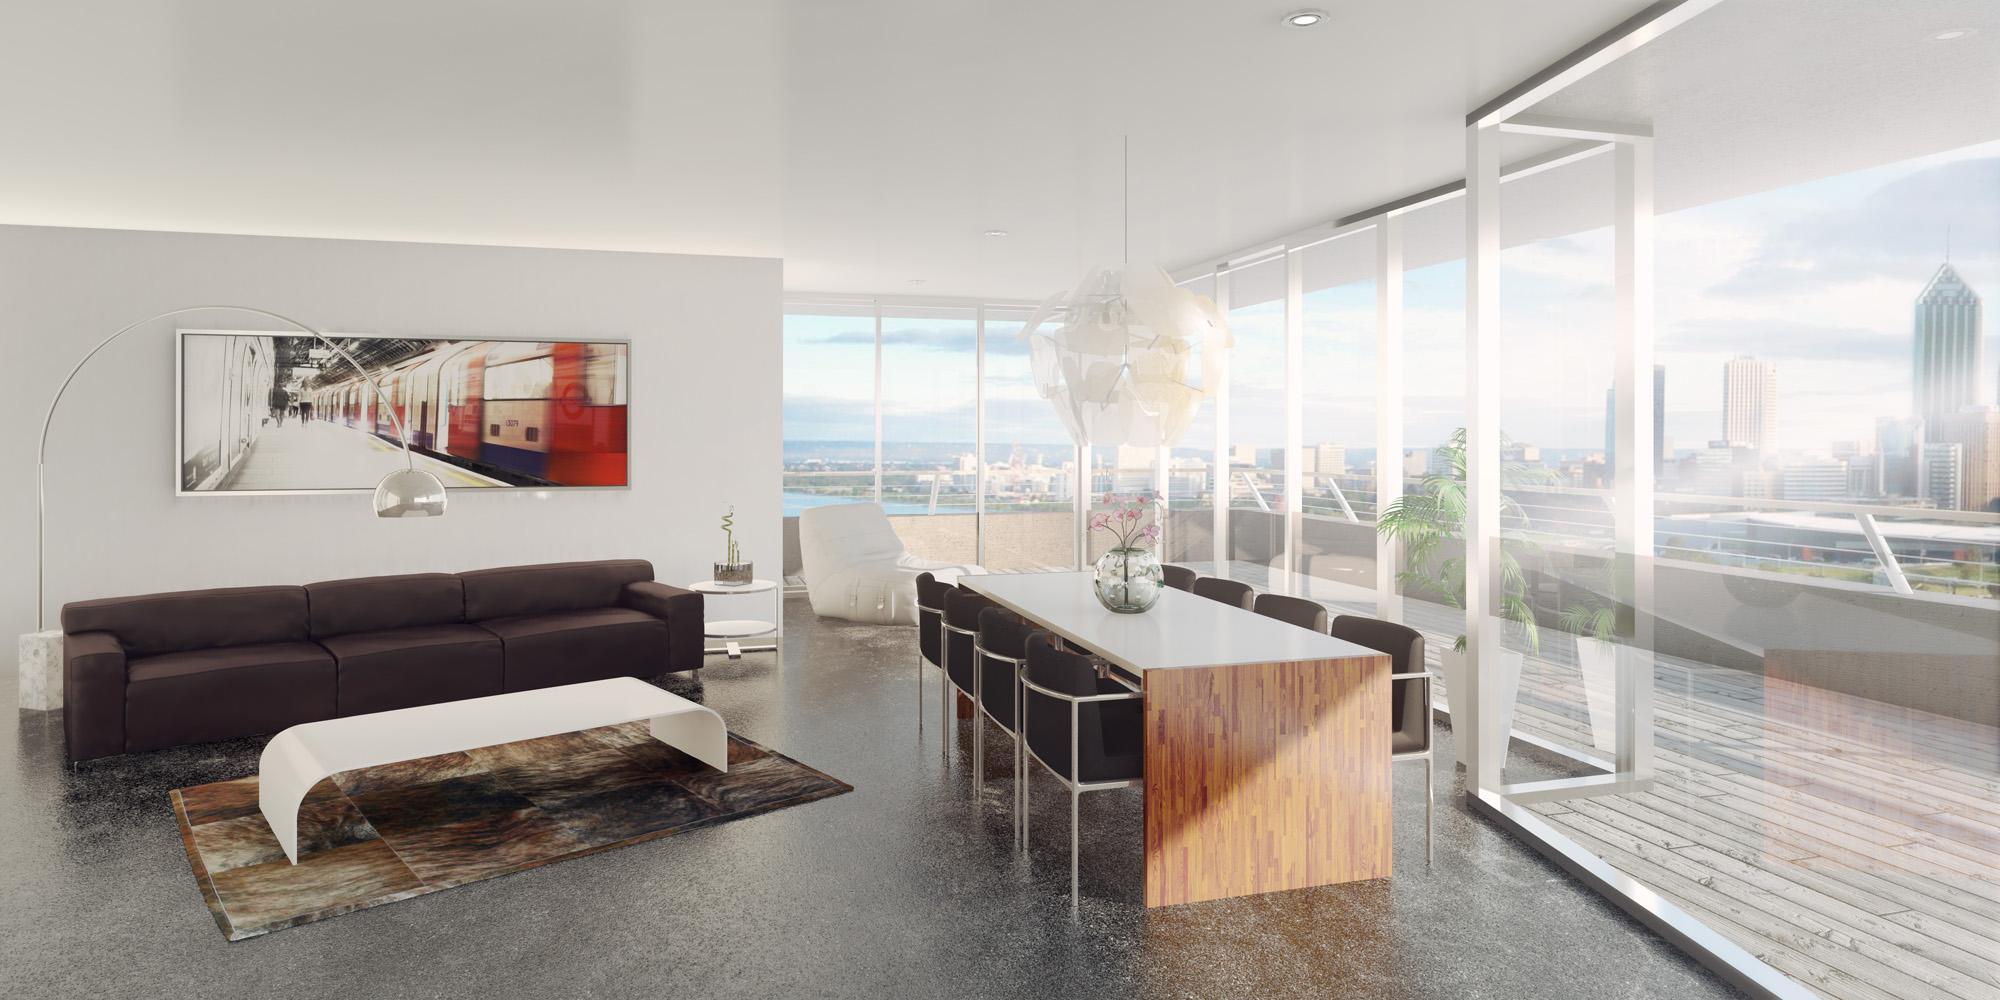 Tout pour une déco Loft exceptionnelle: canapé, fauteuil, tabouret, Chaise, table - Esprit Loft